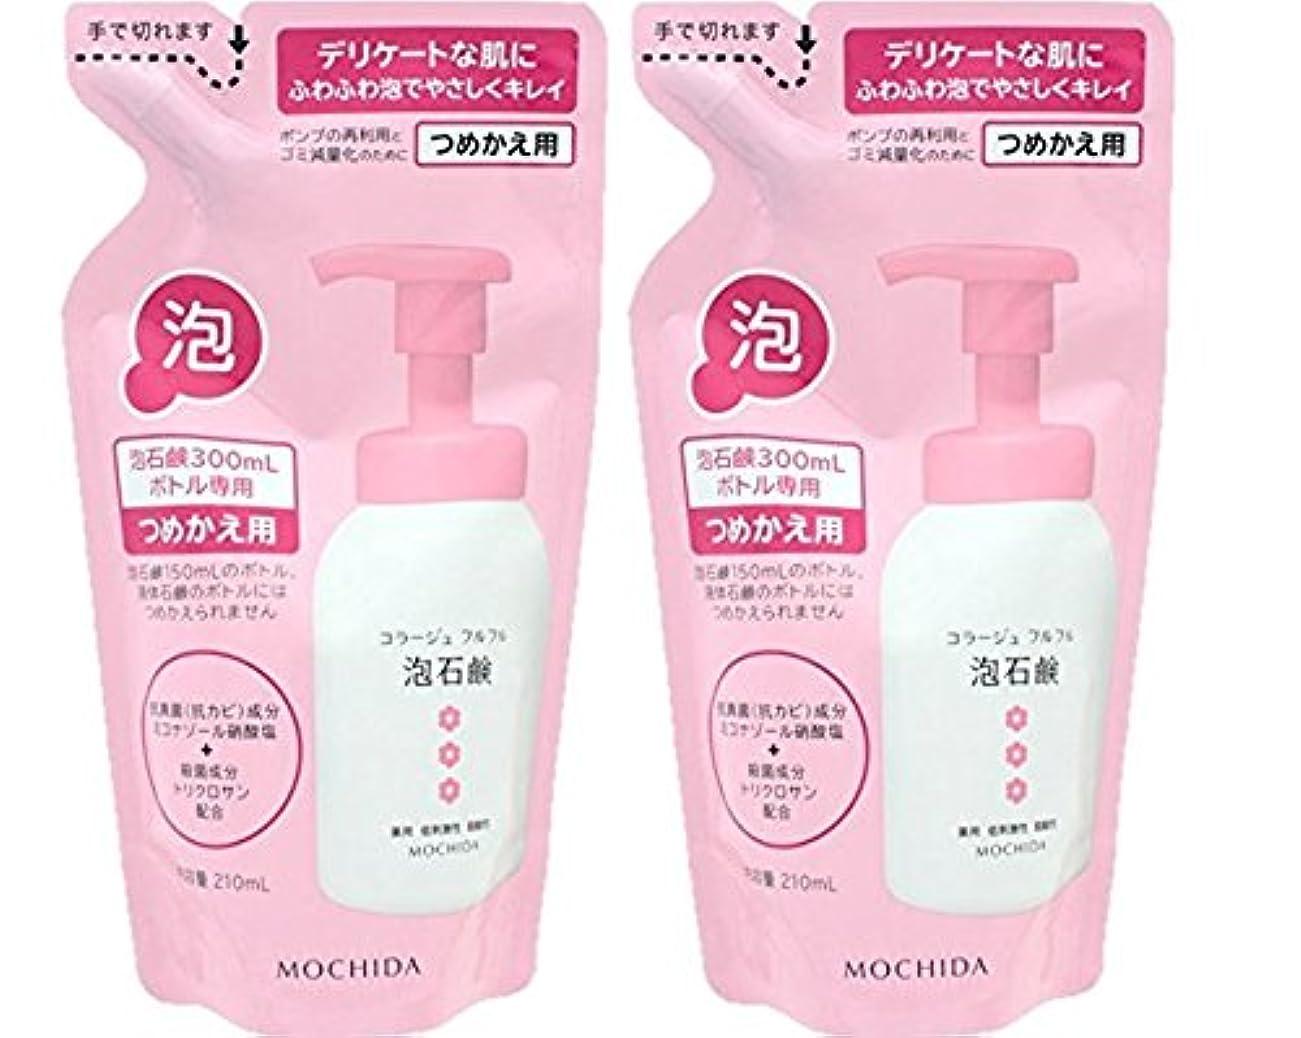 マサッチョ除去デコードするコラージュフルフル 泡石鹸 ピンク つめかえ用 210mL (医薬部外品)×2